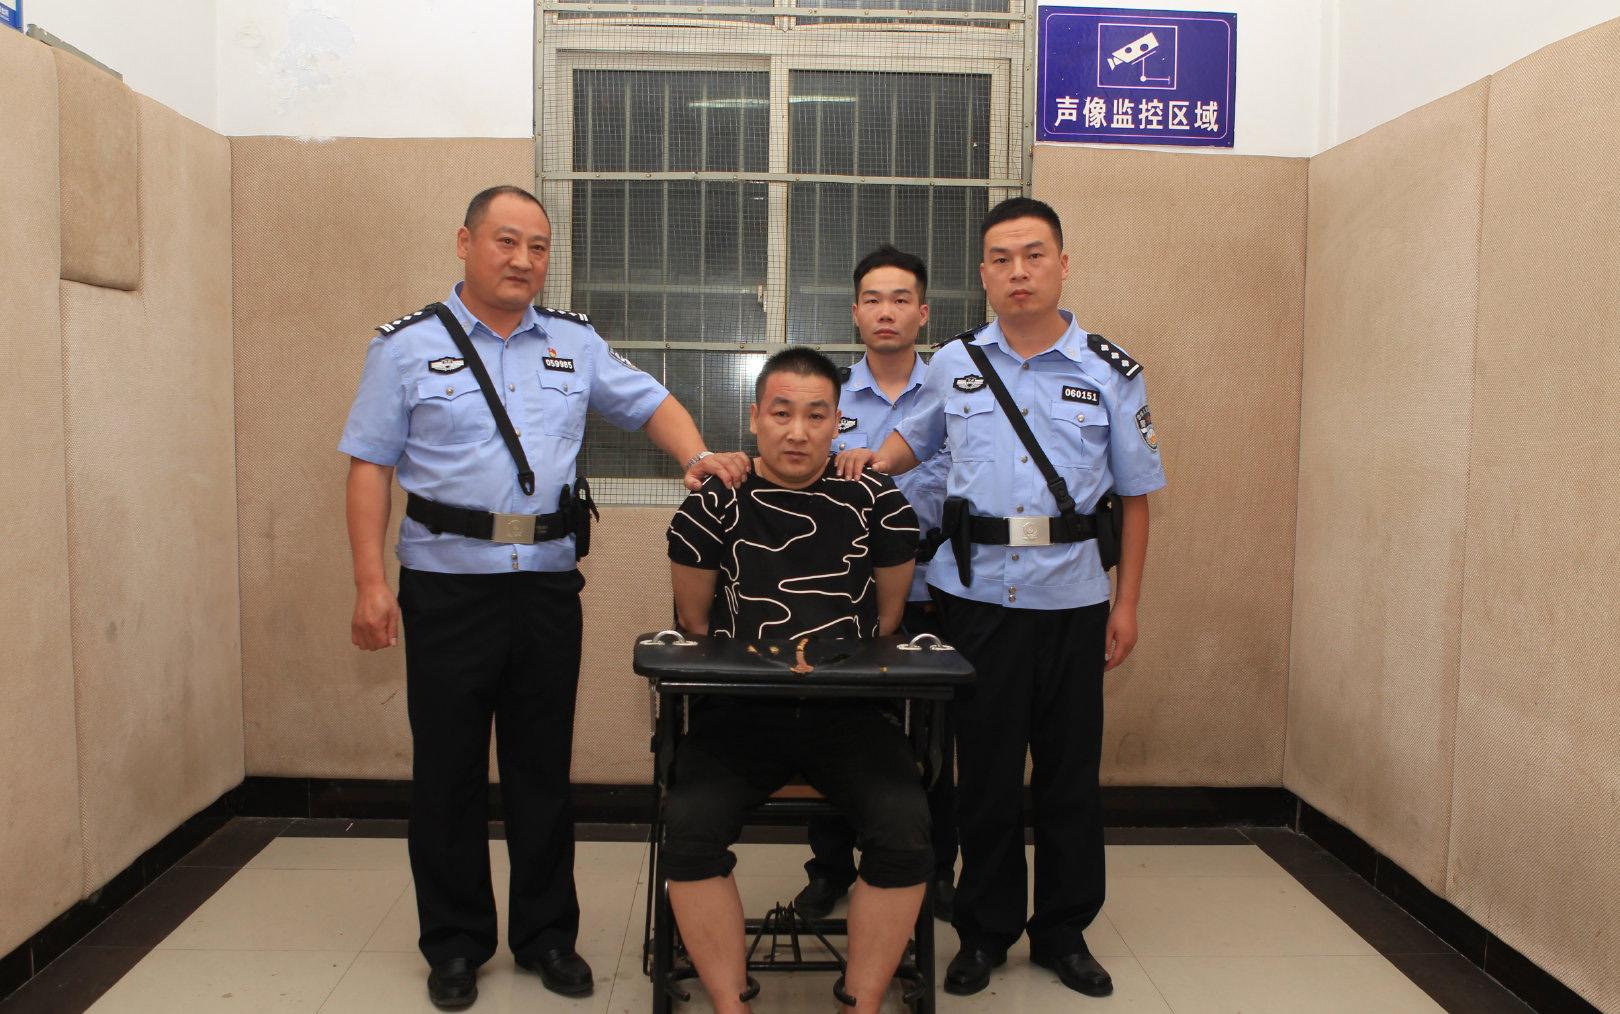 抓住了!抓住了!流窜漯河许昌两市连续杀害2名女性的闫洪磊被抓获